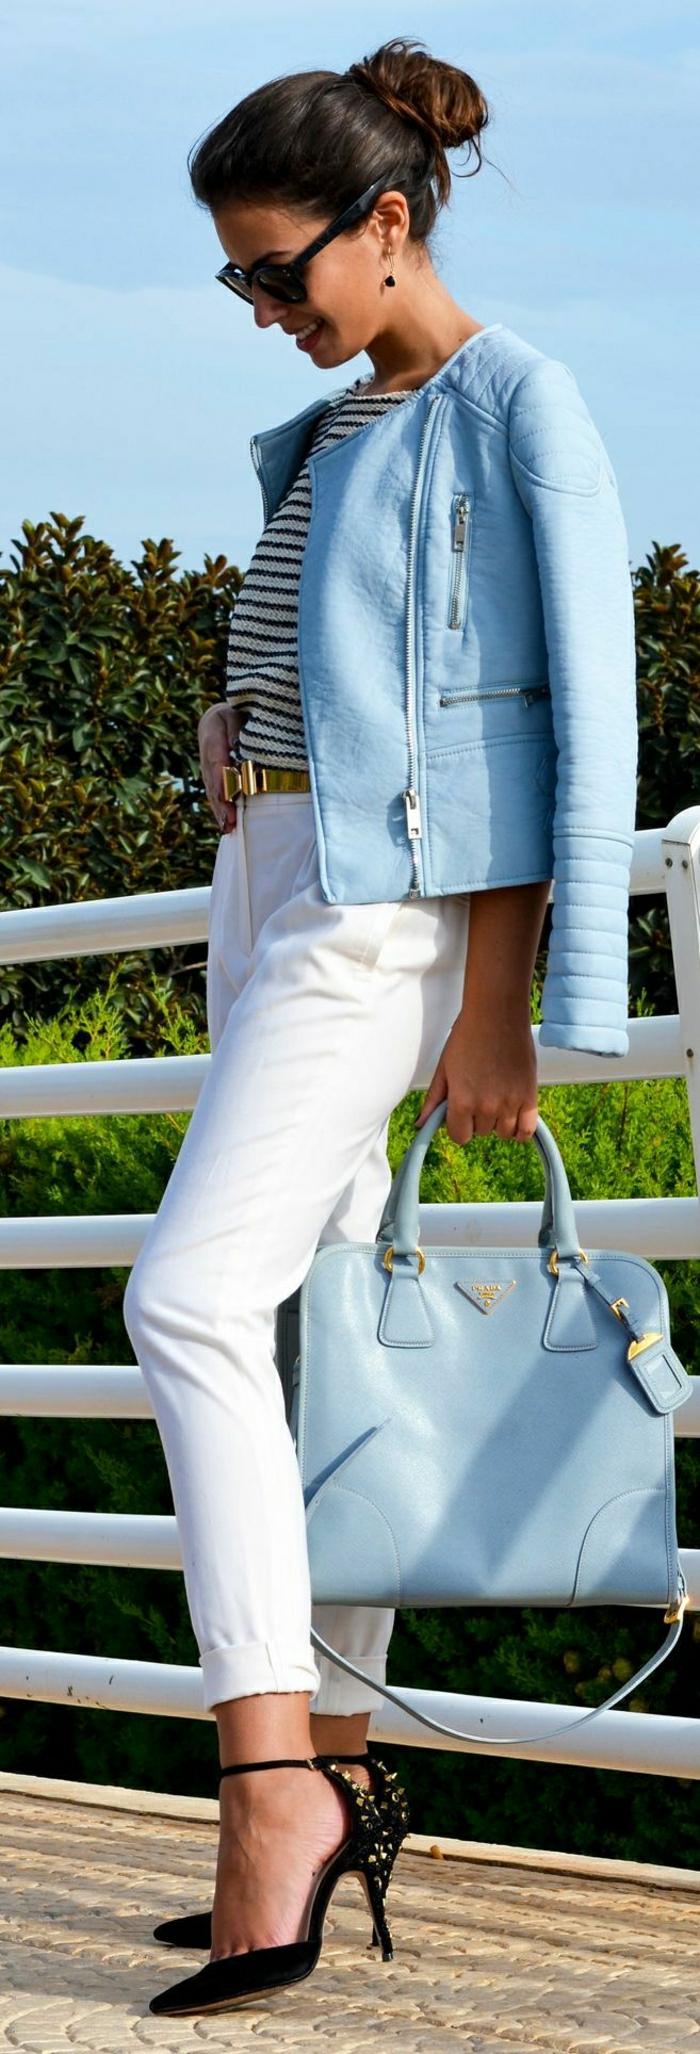 Moto-Jacke-weiße-Hosen-schwarze-Stöckelschuhe-Prada-Tasche